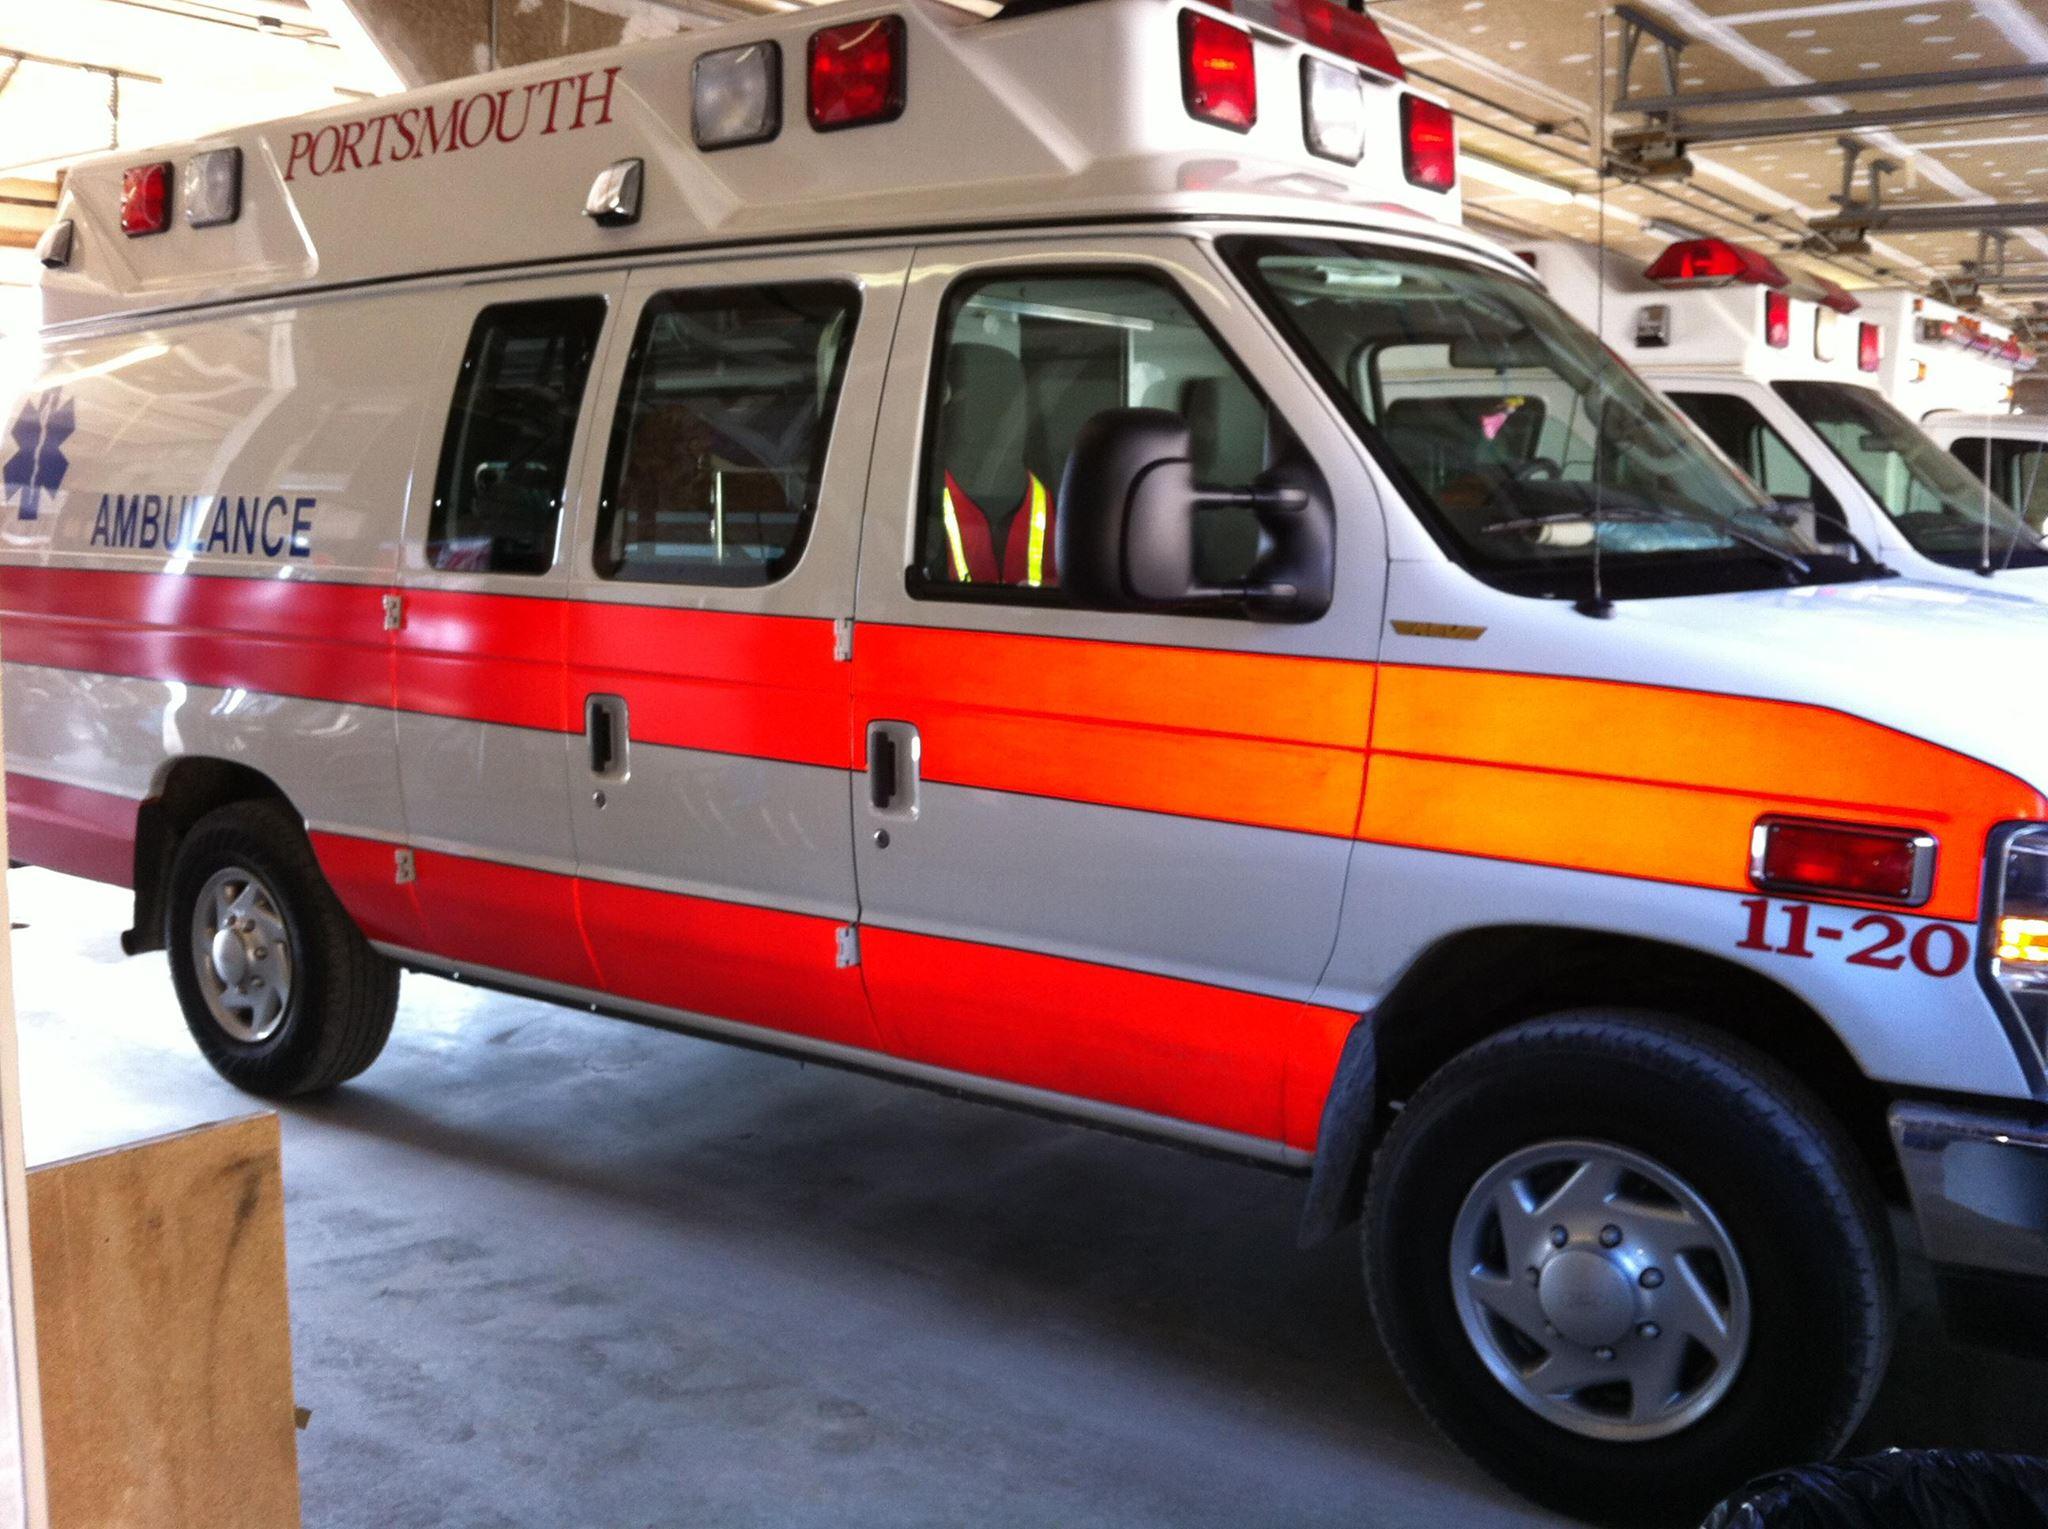 Portsmouth emergency ambulance.jpg